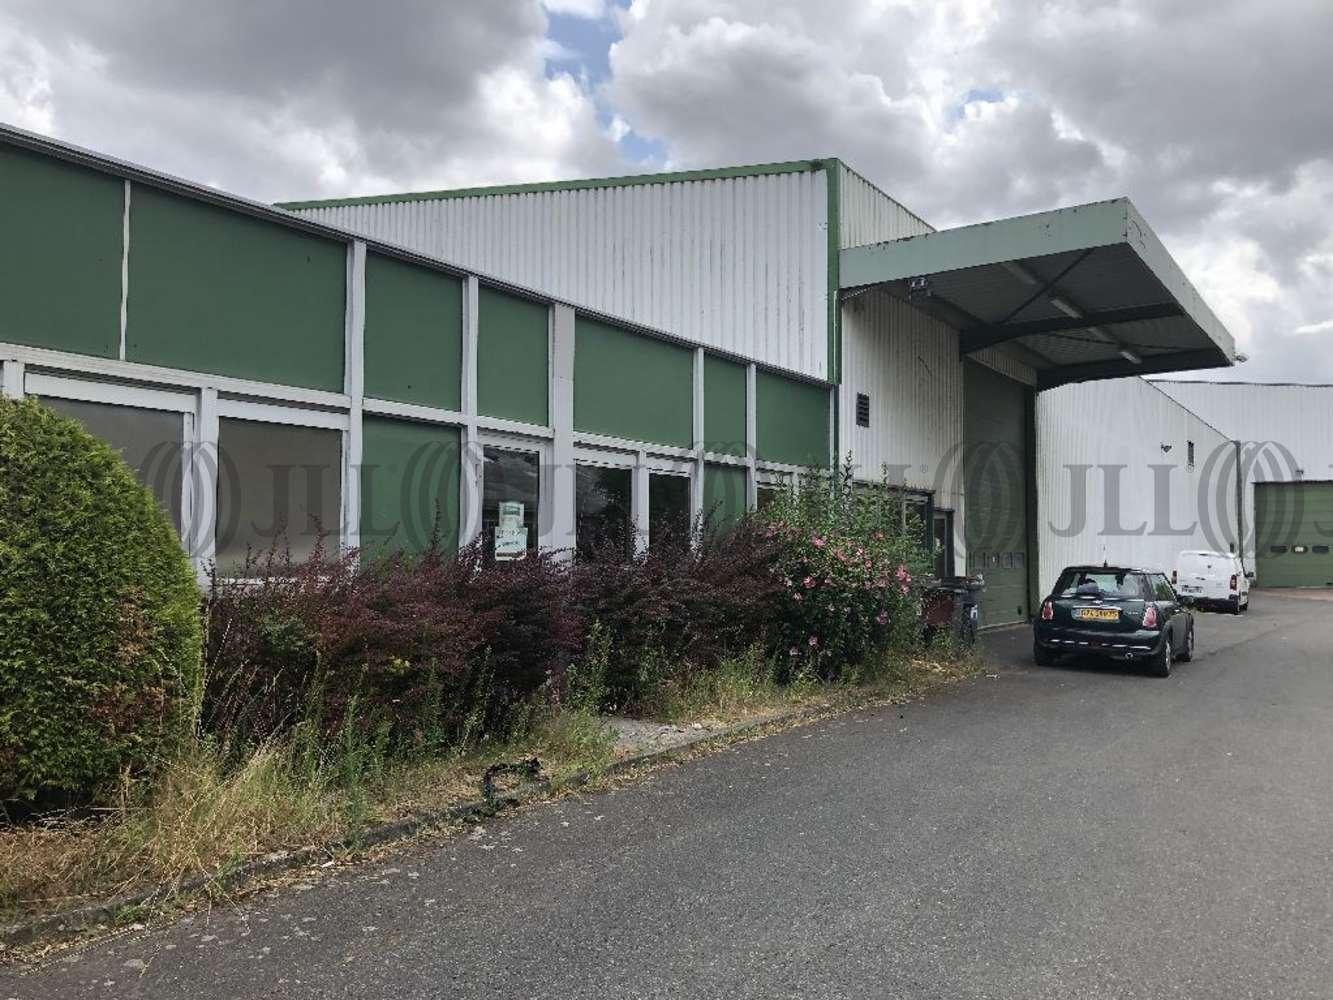 Activités/entrepôt Beauchamp, 95250 - 283 CHAUSSEE JULES CESAR